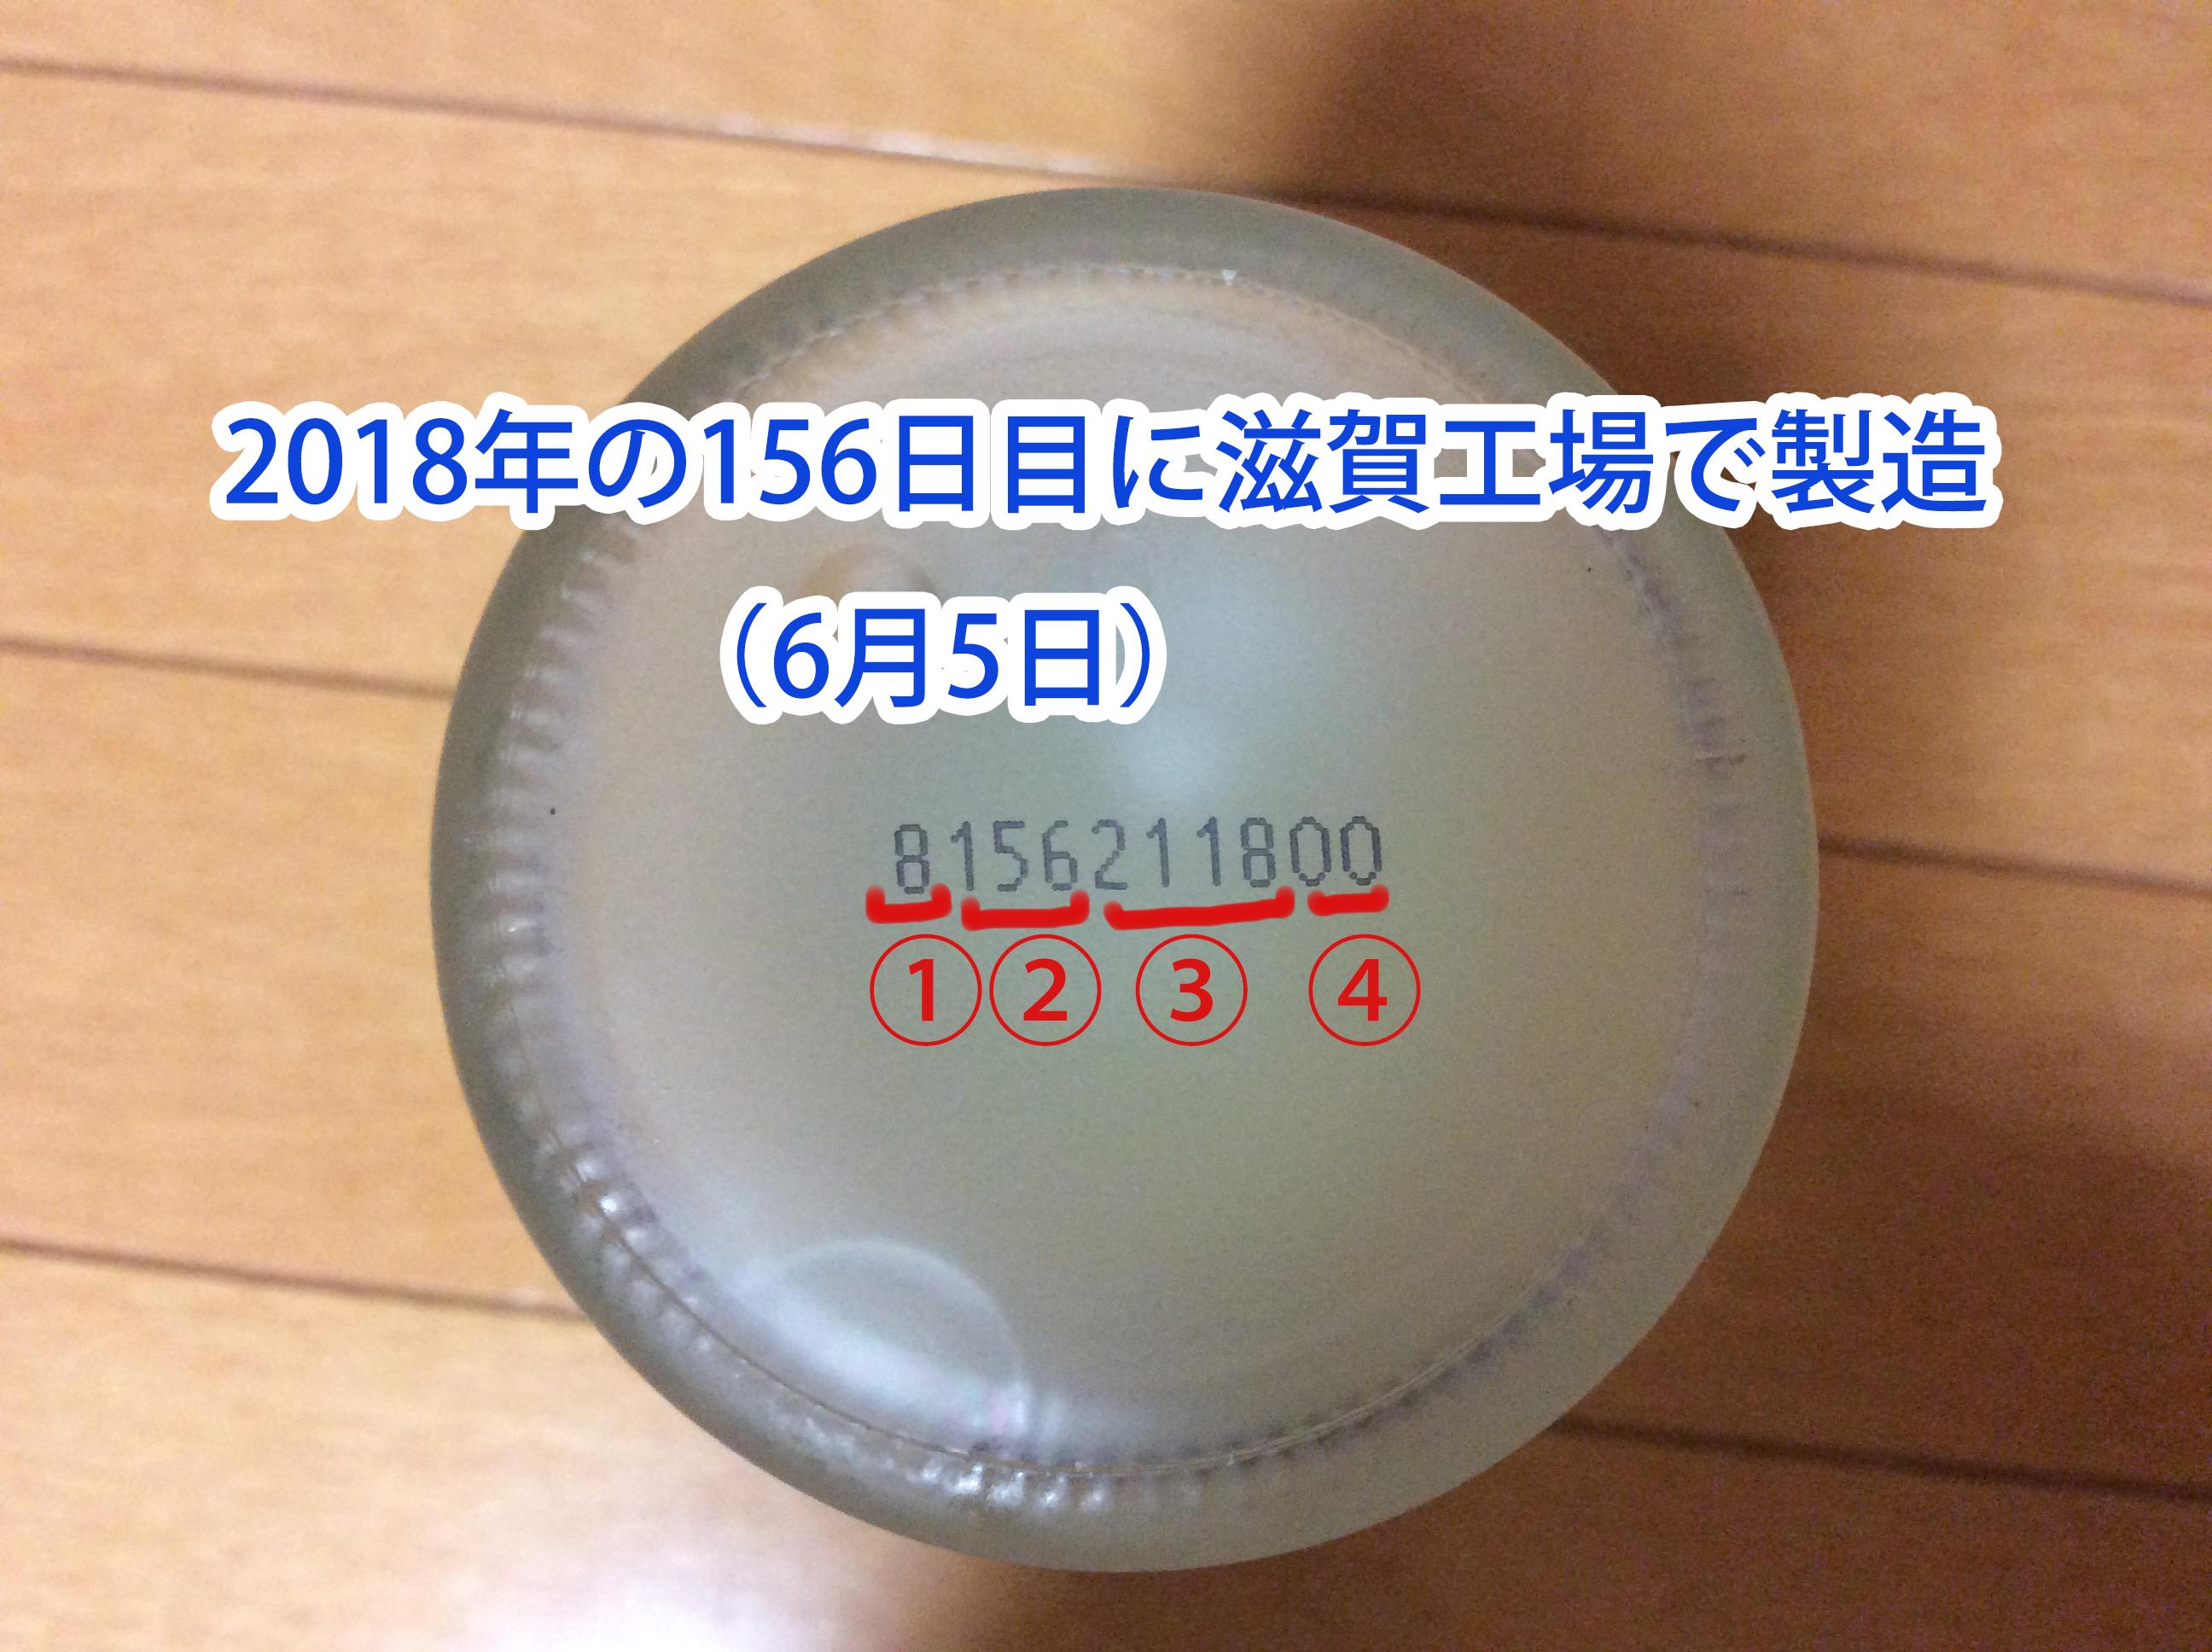 SK-II エスケーツー 製造番号